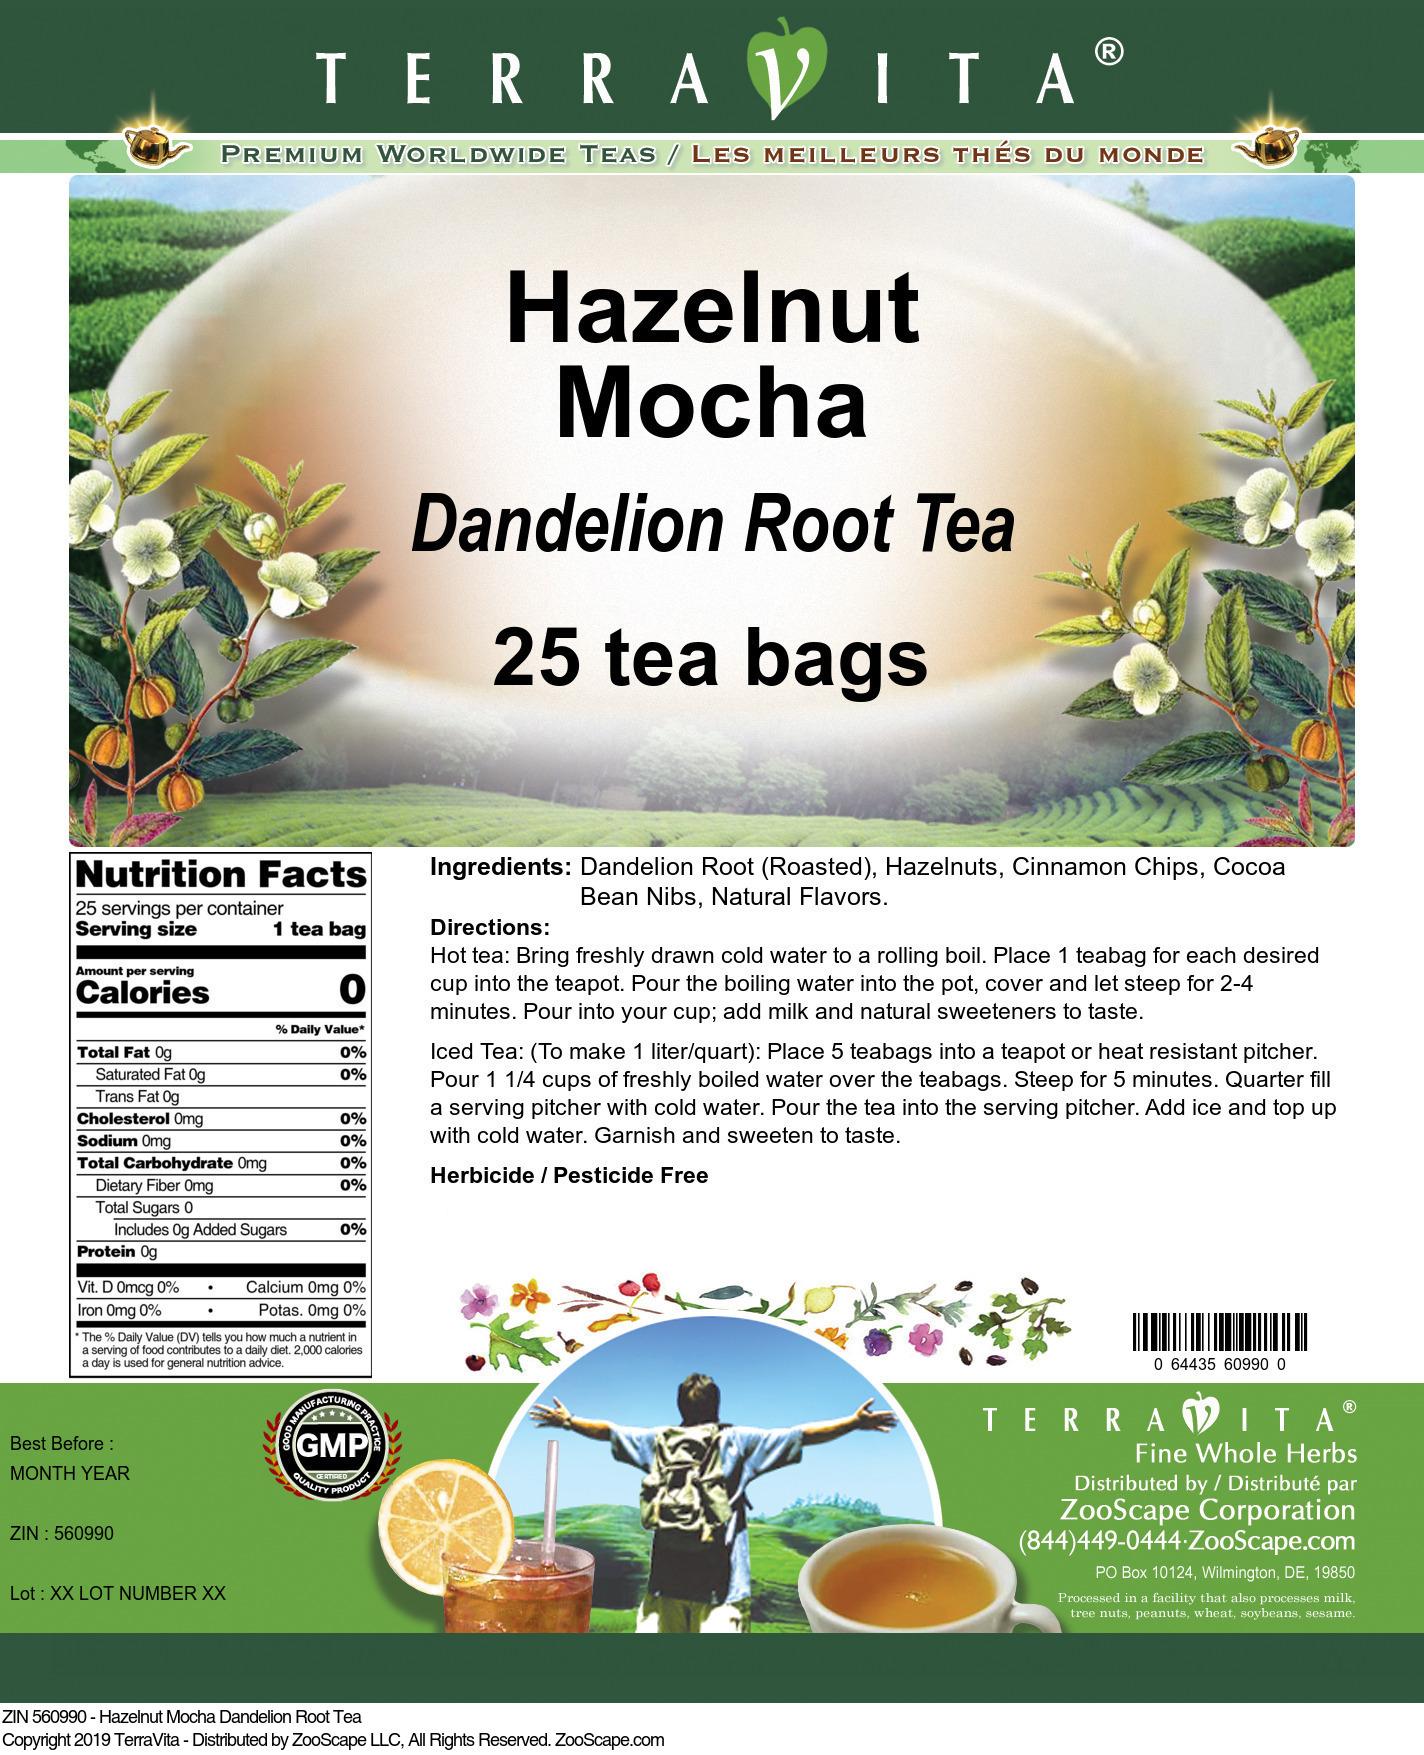 Hazelnut Mocha Dandelion Root Tea